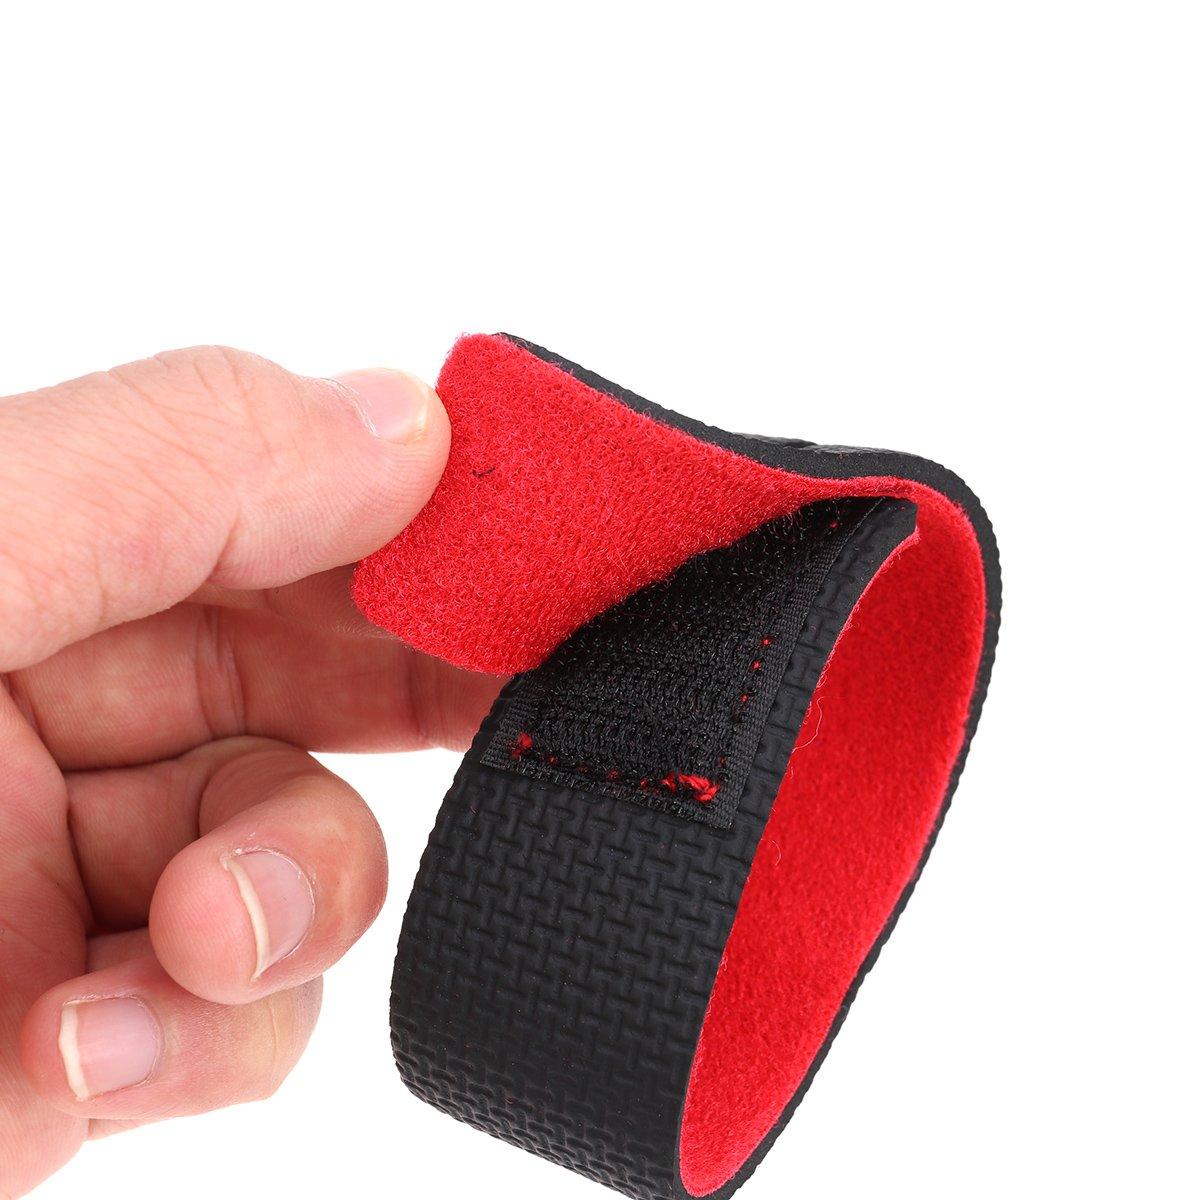 VORCOOL 6 Pcs Canne /à P/êche Ceintures C/âble Cravate Courroie Adh/ésif Anti-D/érapant Sangles Dispositif de Fixation Canne /à P/êche Bandage luminaire 2 Rouge, 2 Bleu et 2 Noir